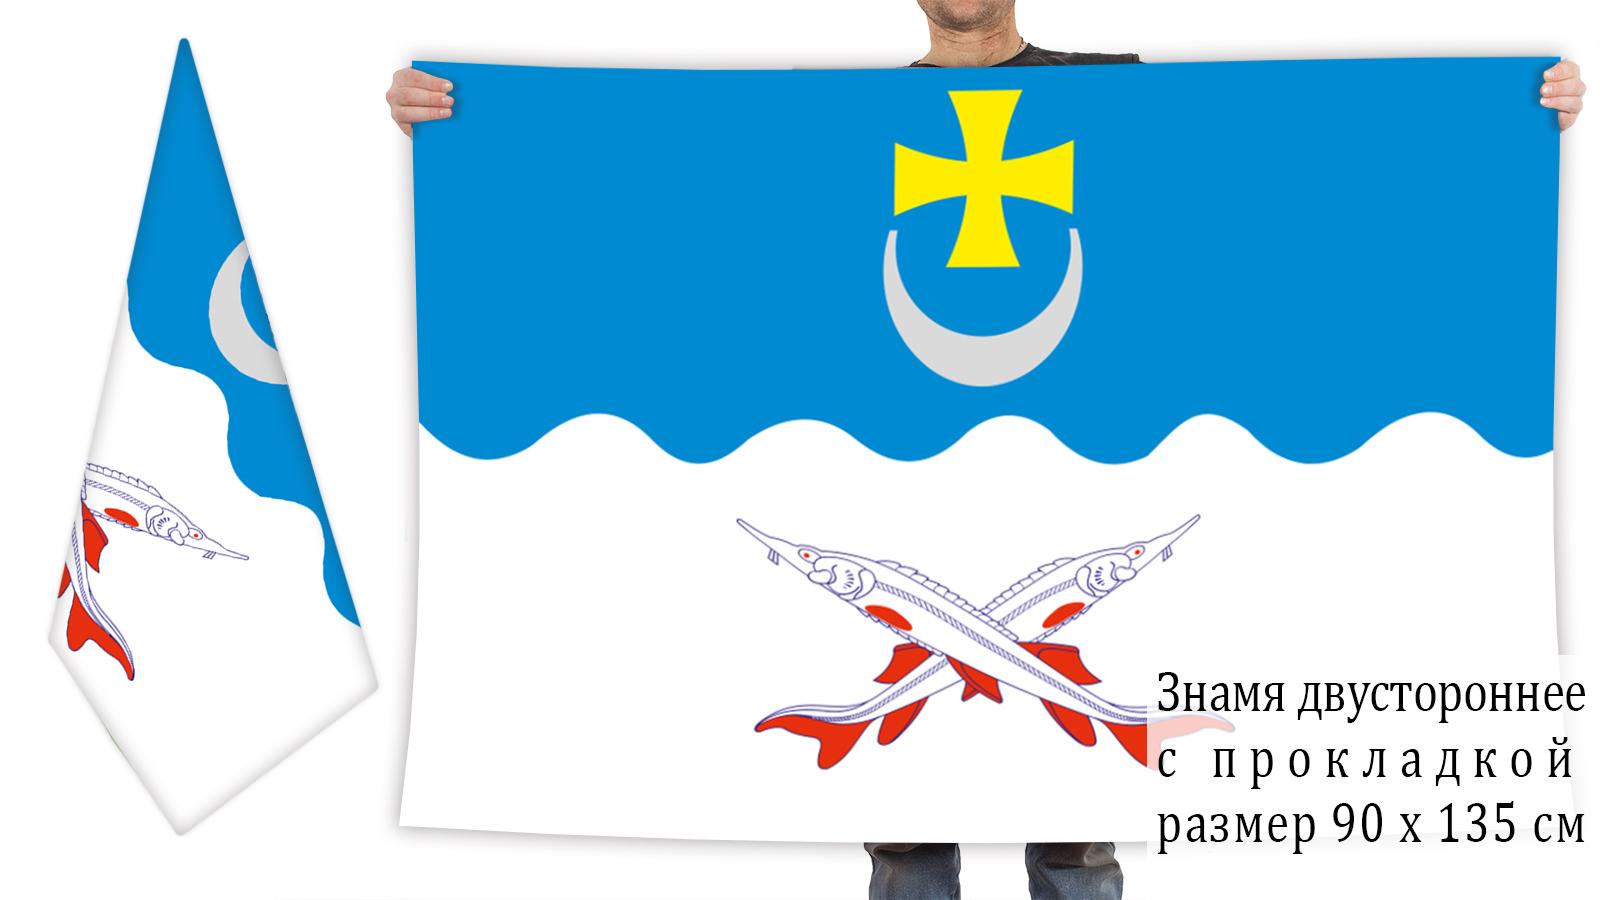 Двусторонний флаг Белозерского района